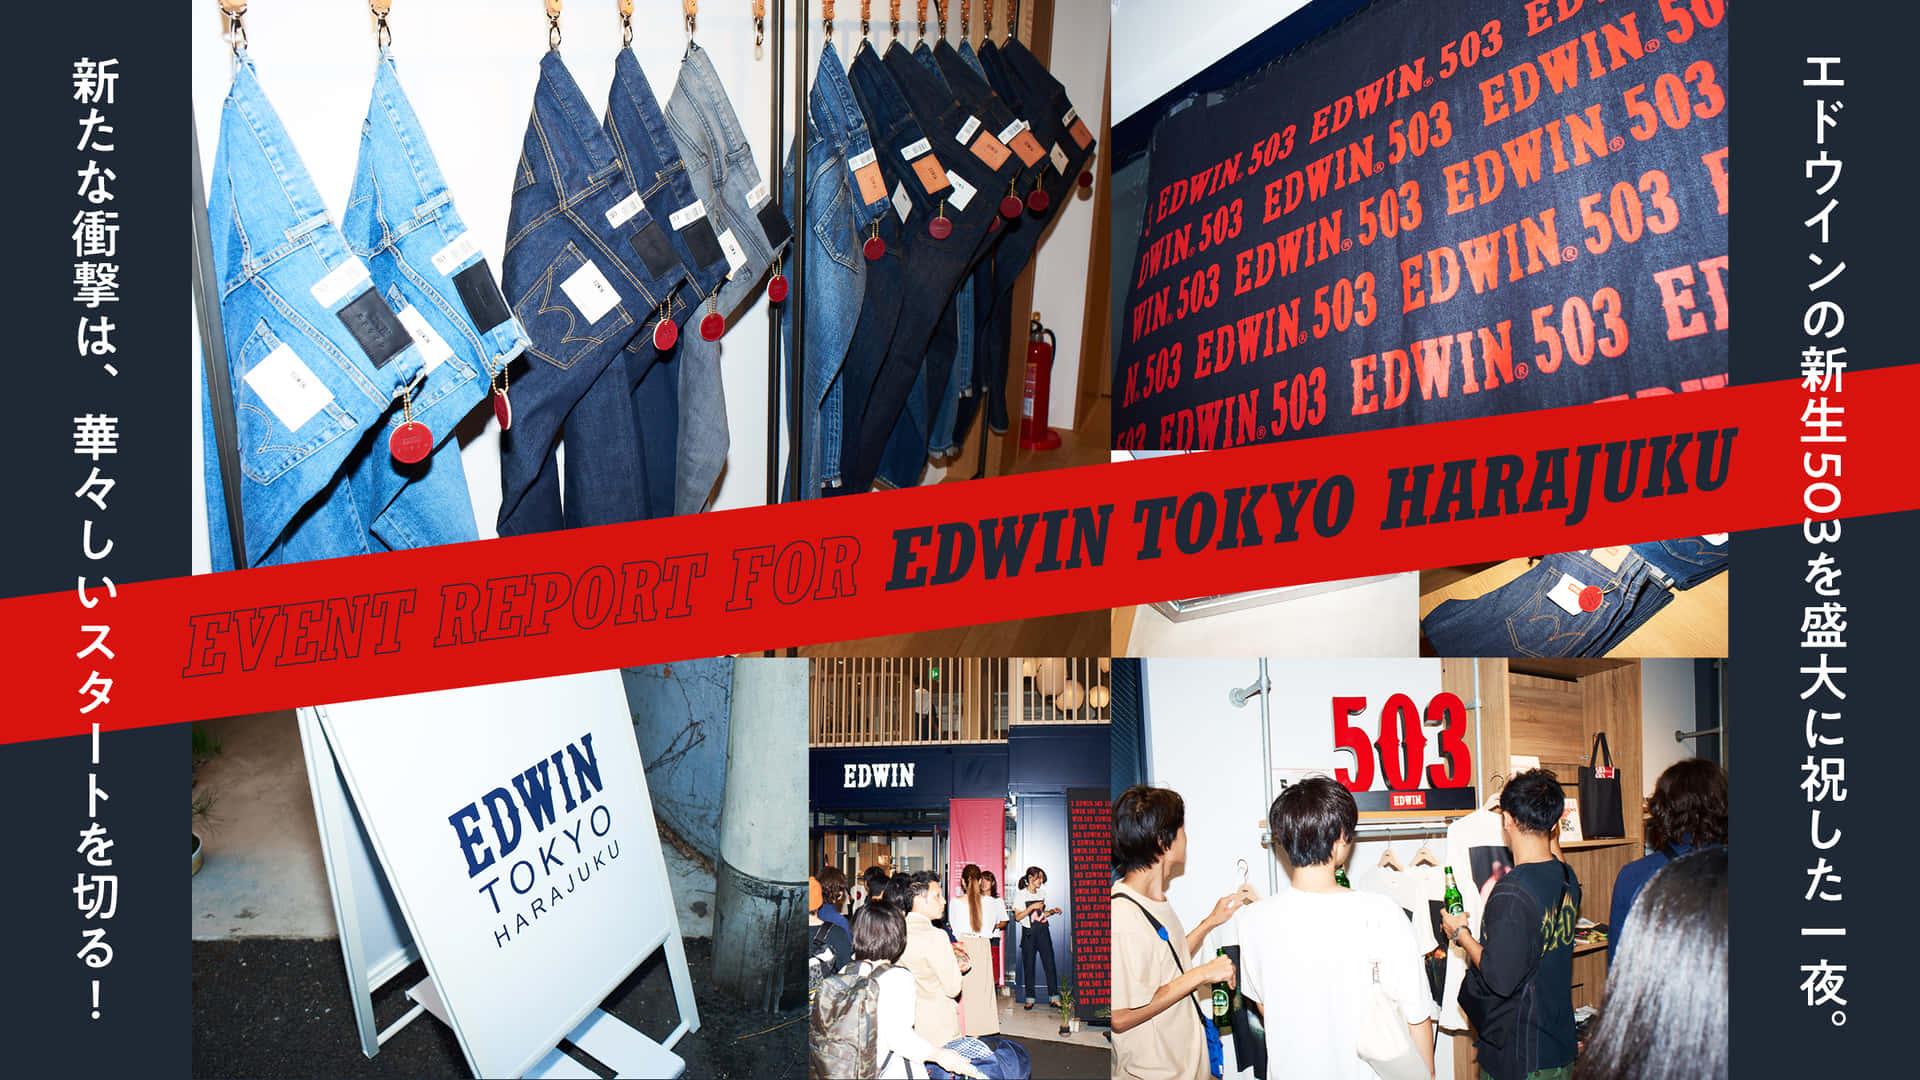 エドウインの新生503を盛大に祝した一夜。 新たな衝撃は、華々しいスタートを切る!